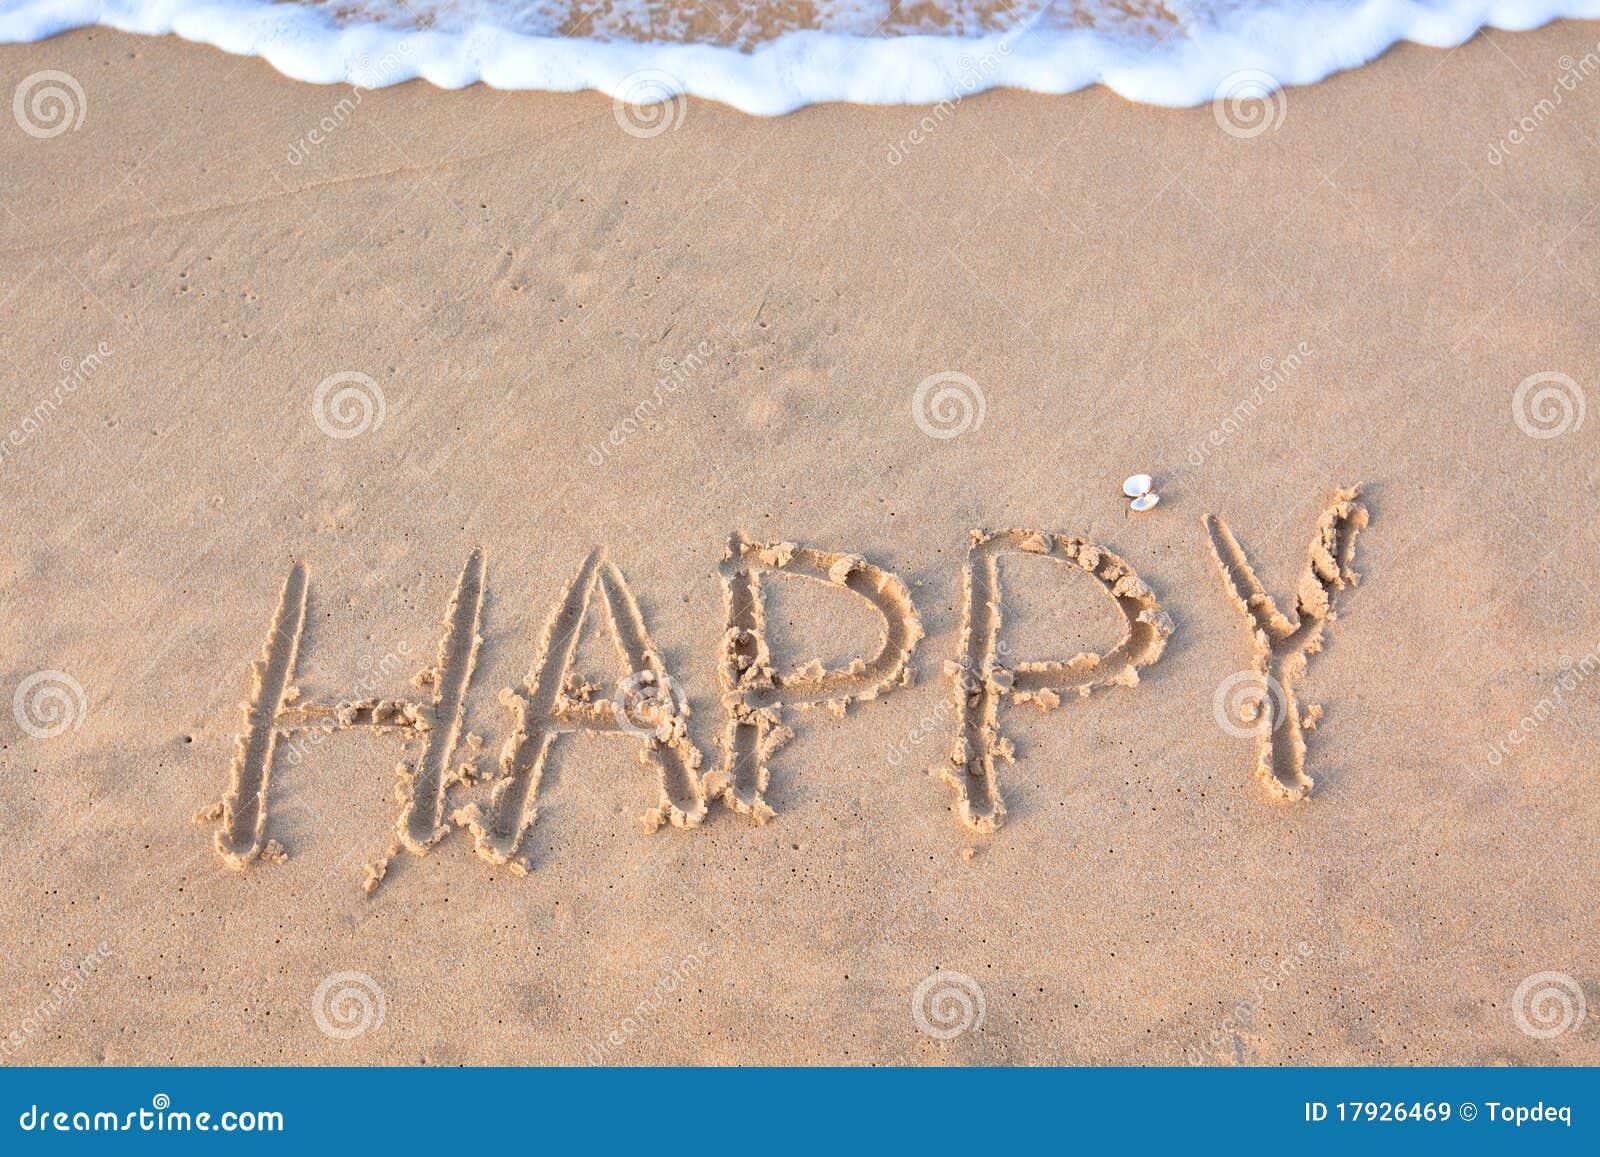 Eu Te Amo Escrito Na Areia Imagens De Stock Royalty Free: Feliz Da Palavra Escrito Na Areia Da Praia Imagens De